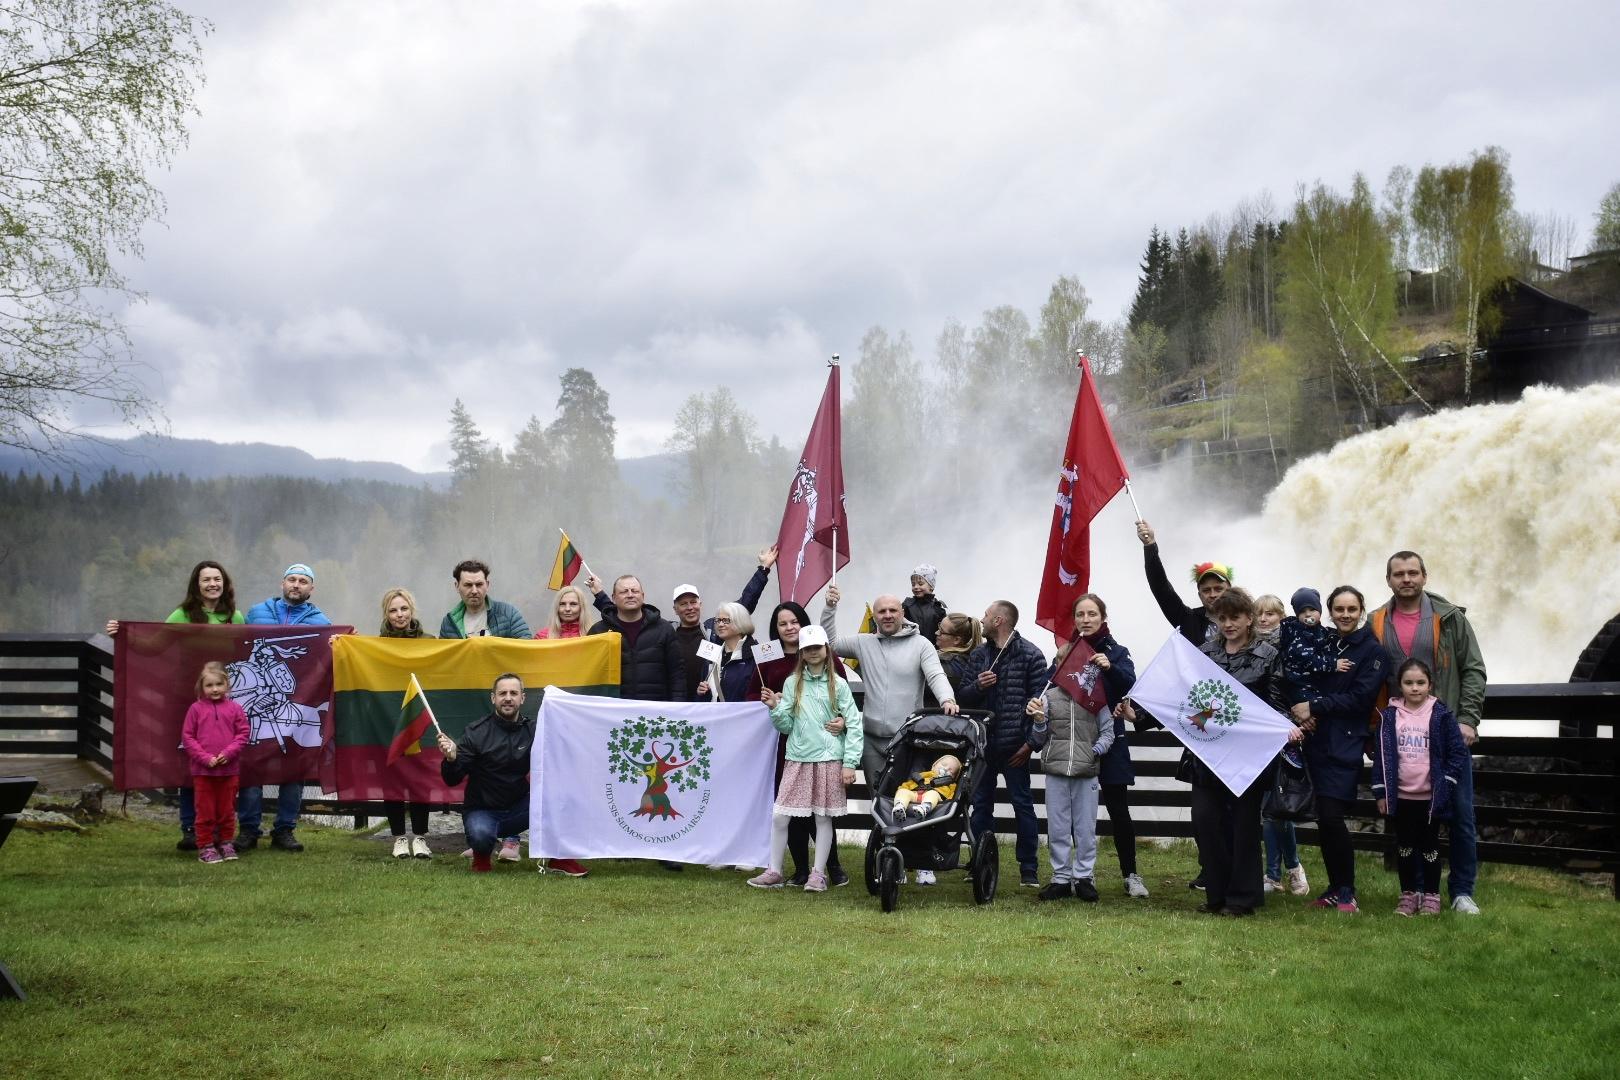 Didysis Šeimos Gynimo Maršas 2021 - Norvegijoje